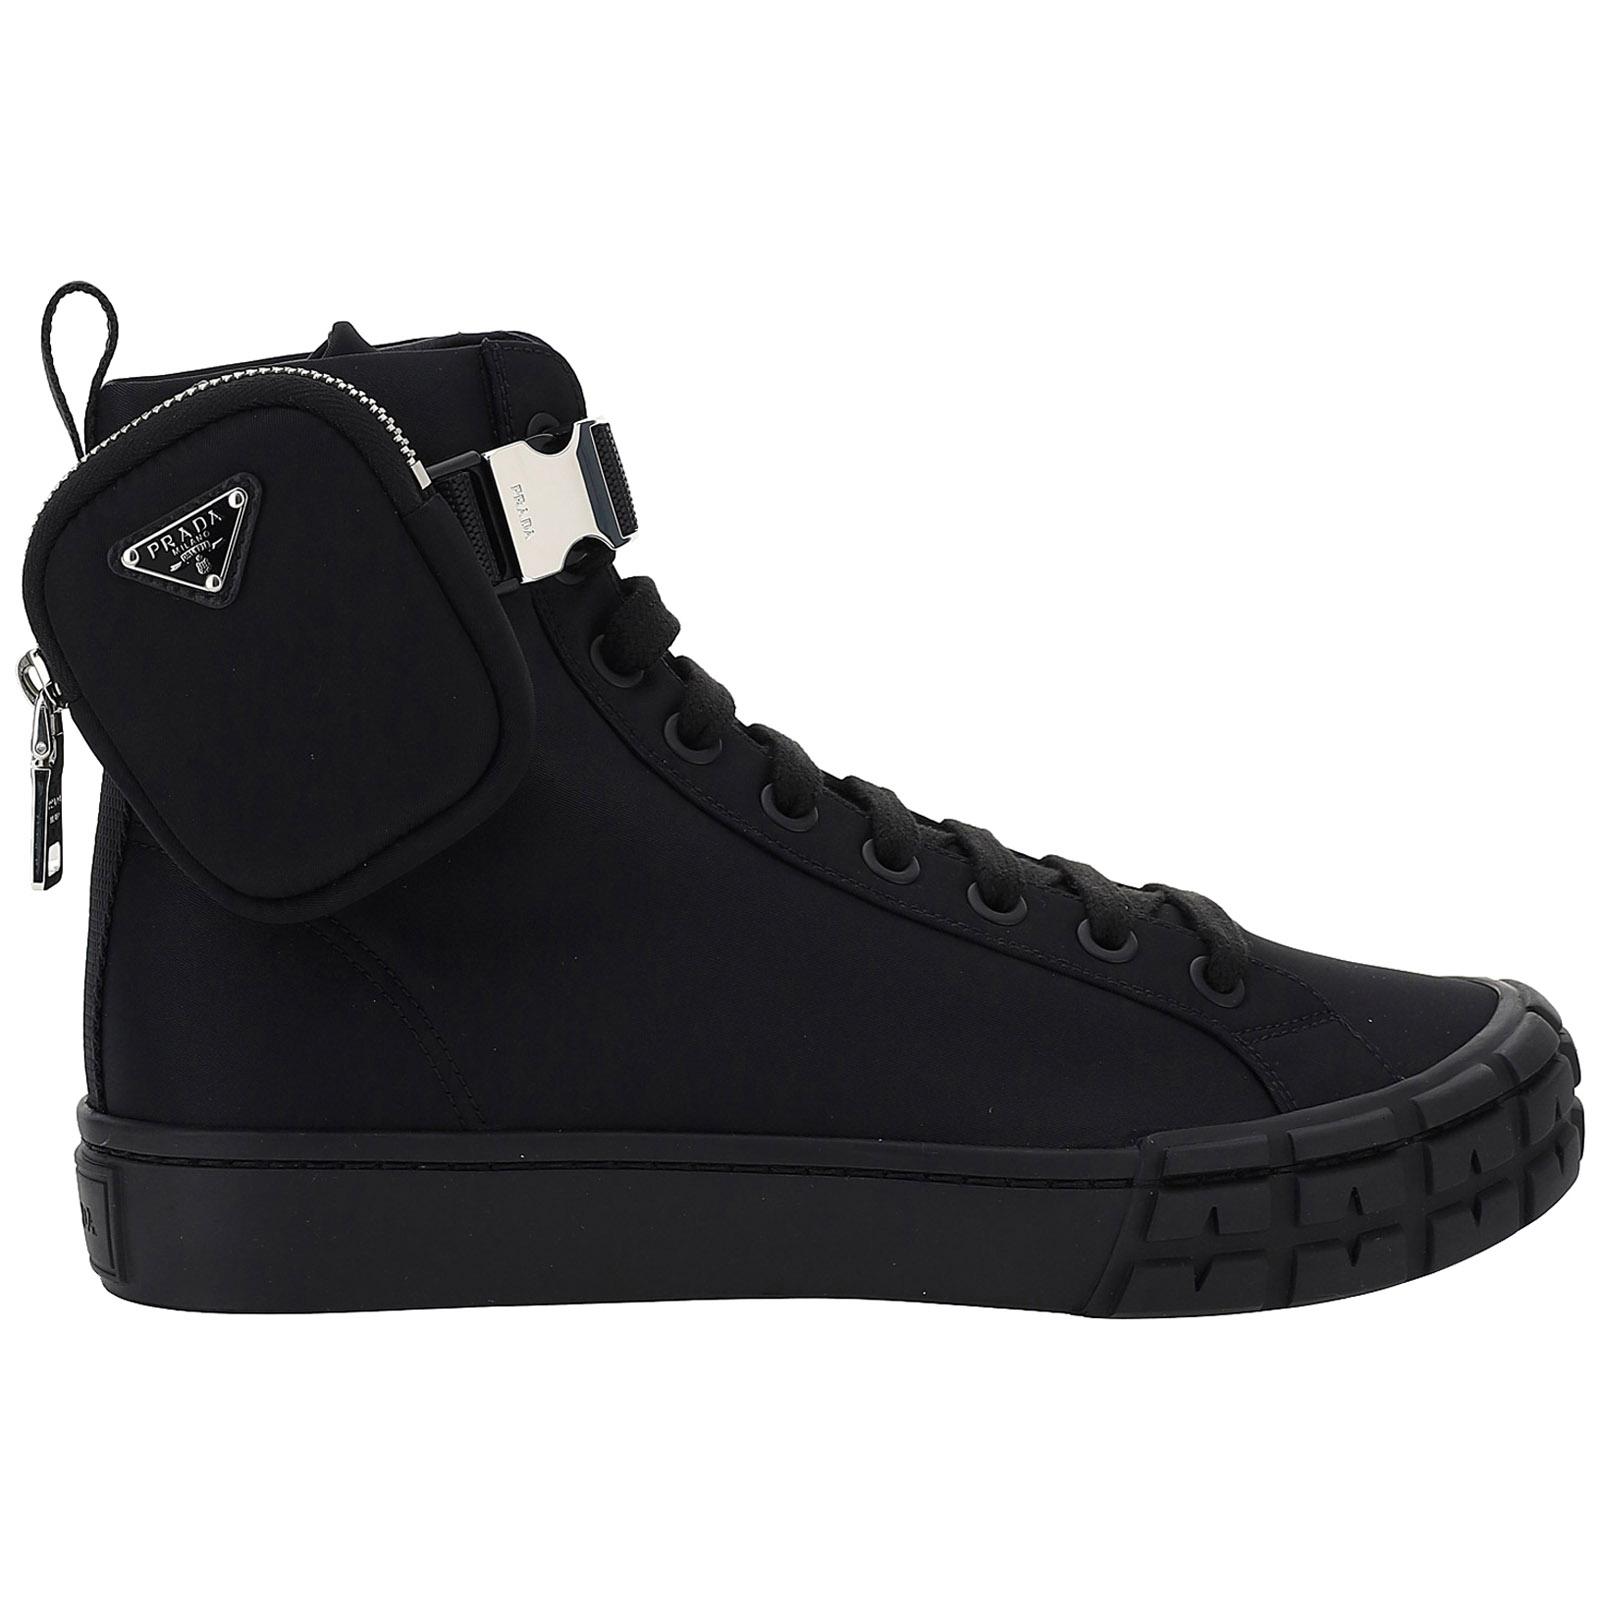 Scarpe sneakers uomo in pelle high top sneakers